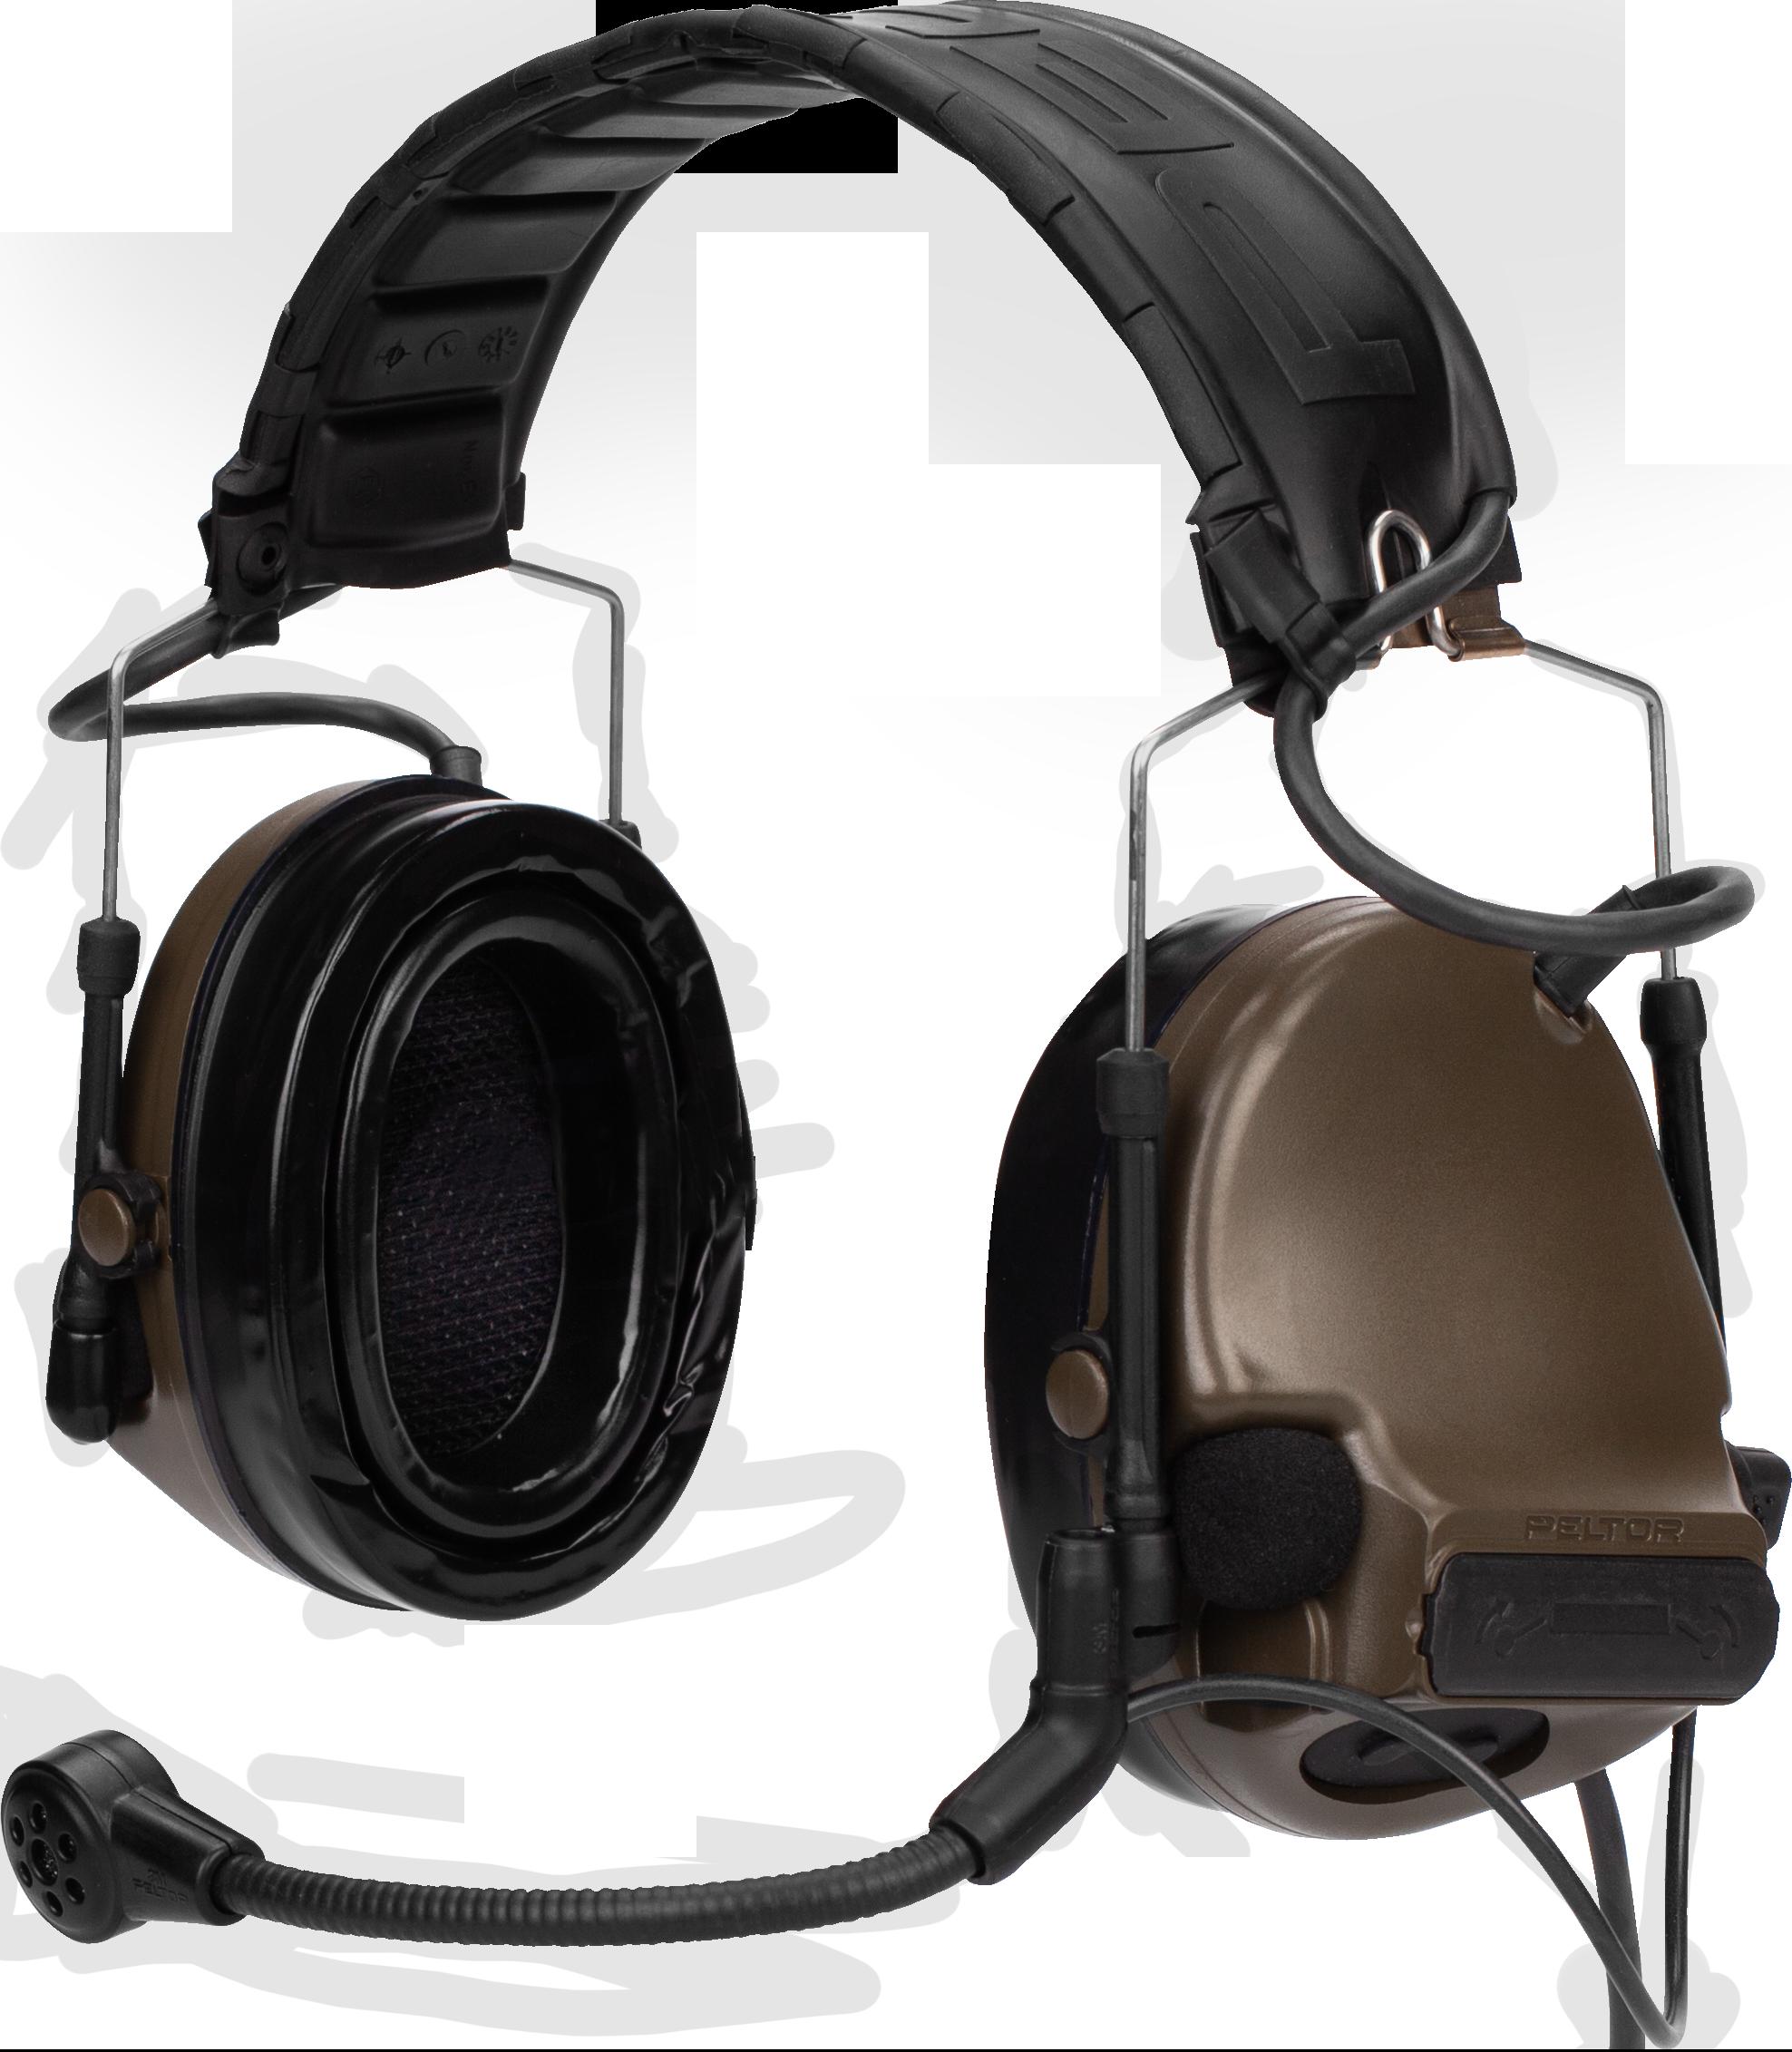 Купить с кэшбэком Tactical headset peltor COMTAC series military walkie-talkie headset replacement headband